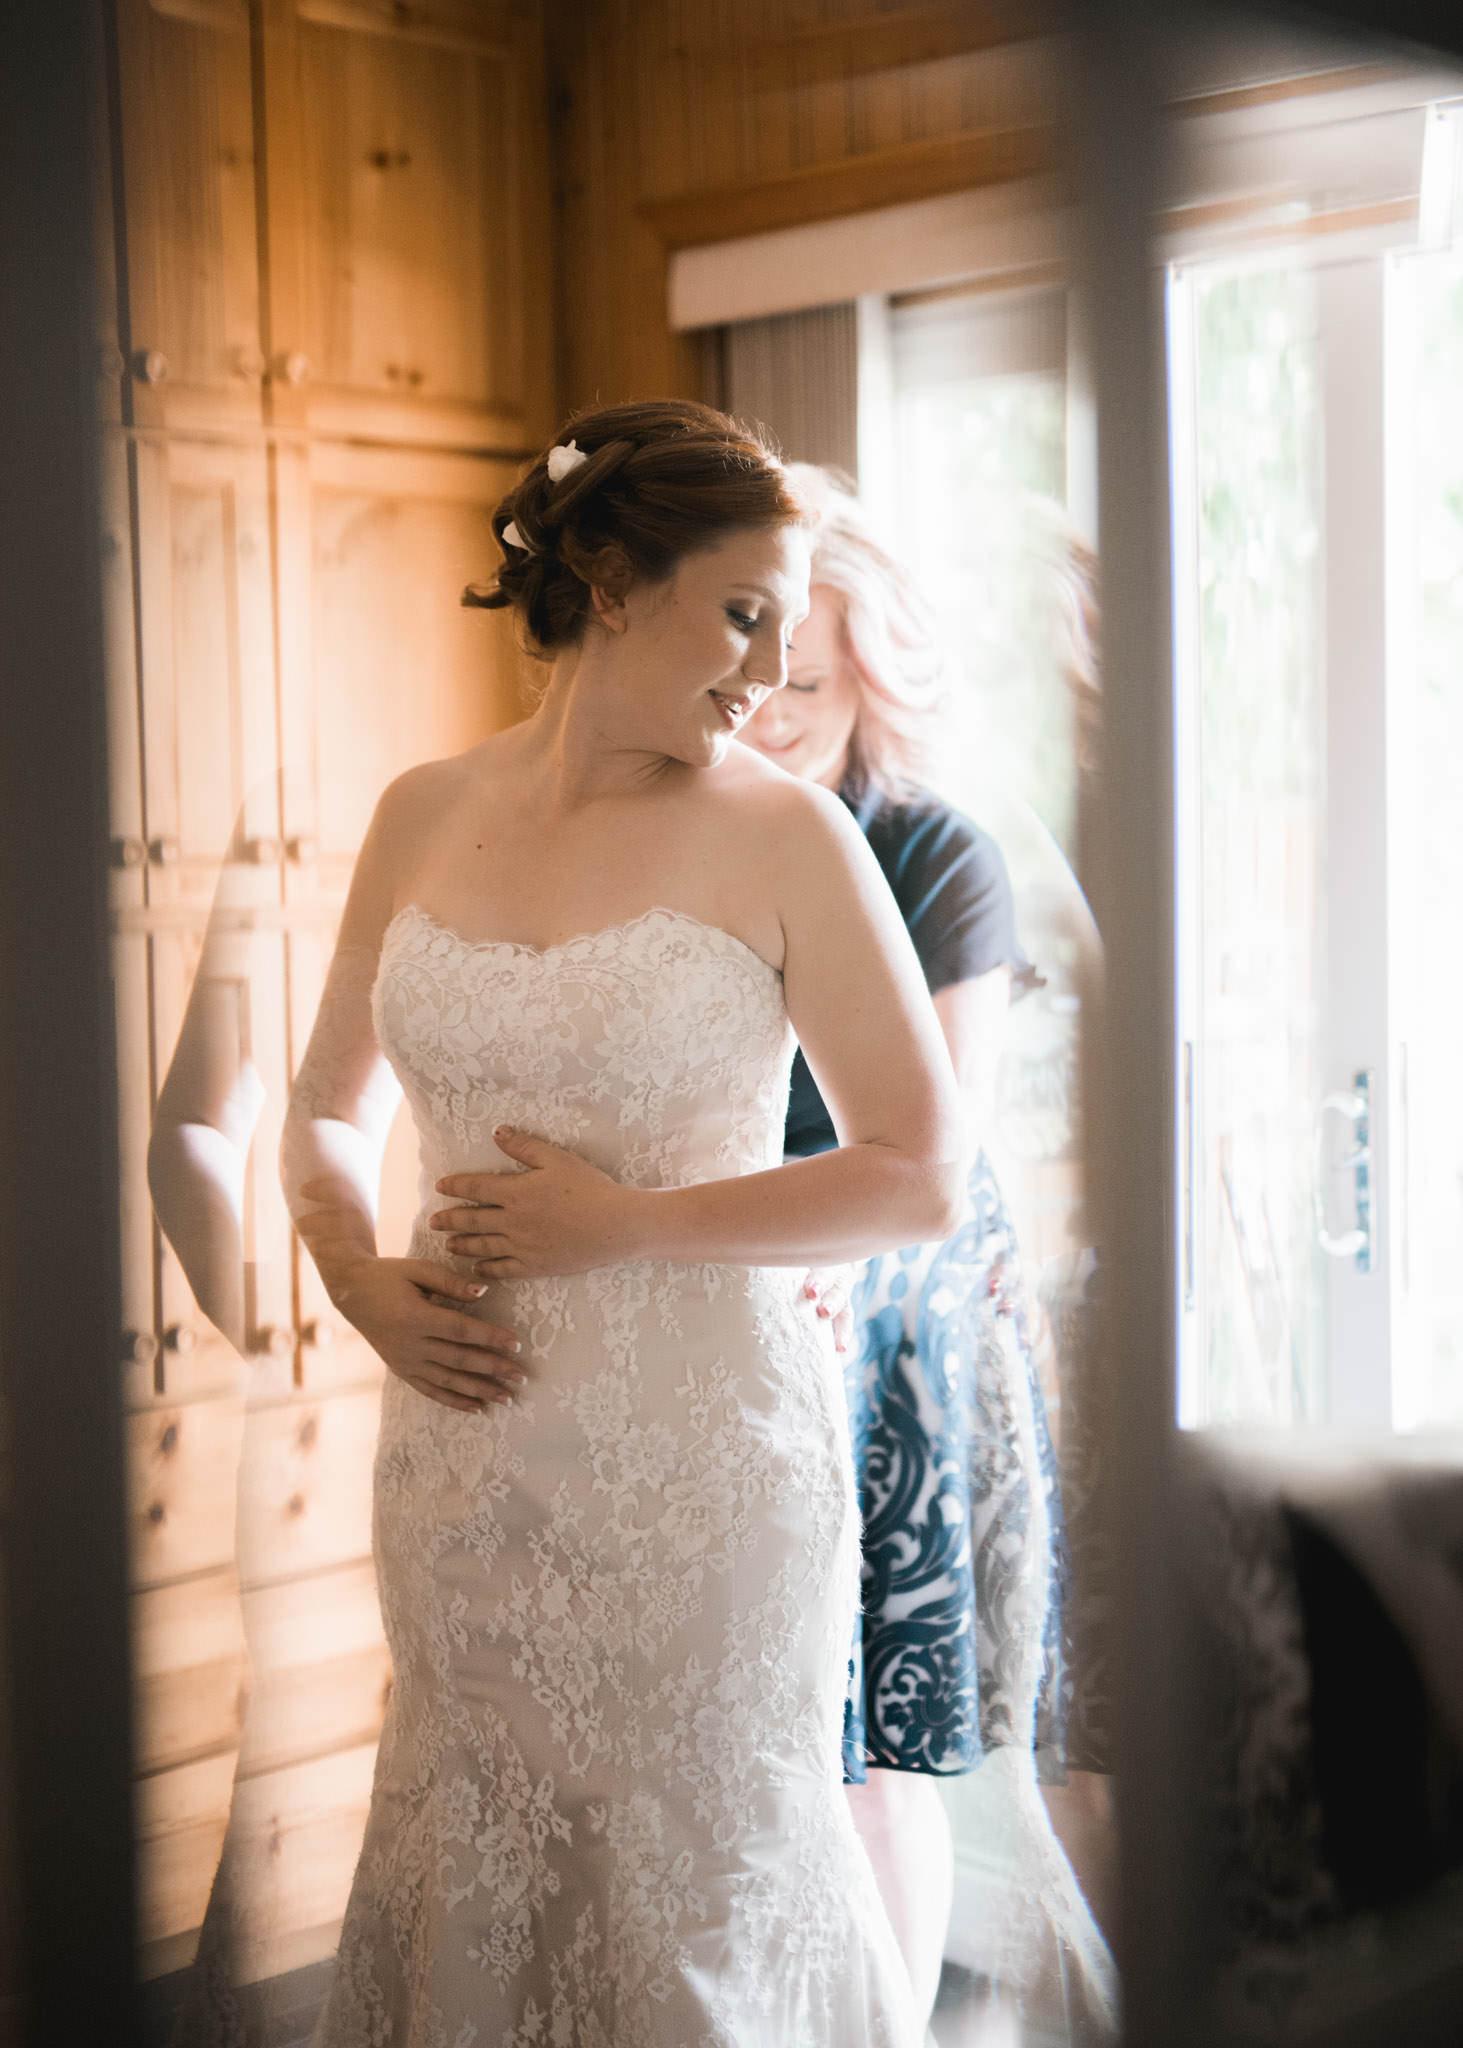 Mom zipping dress for bride